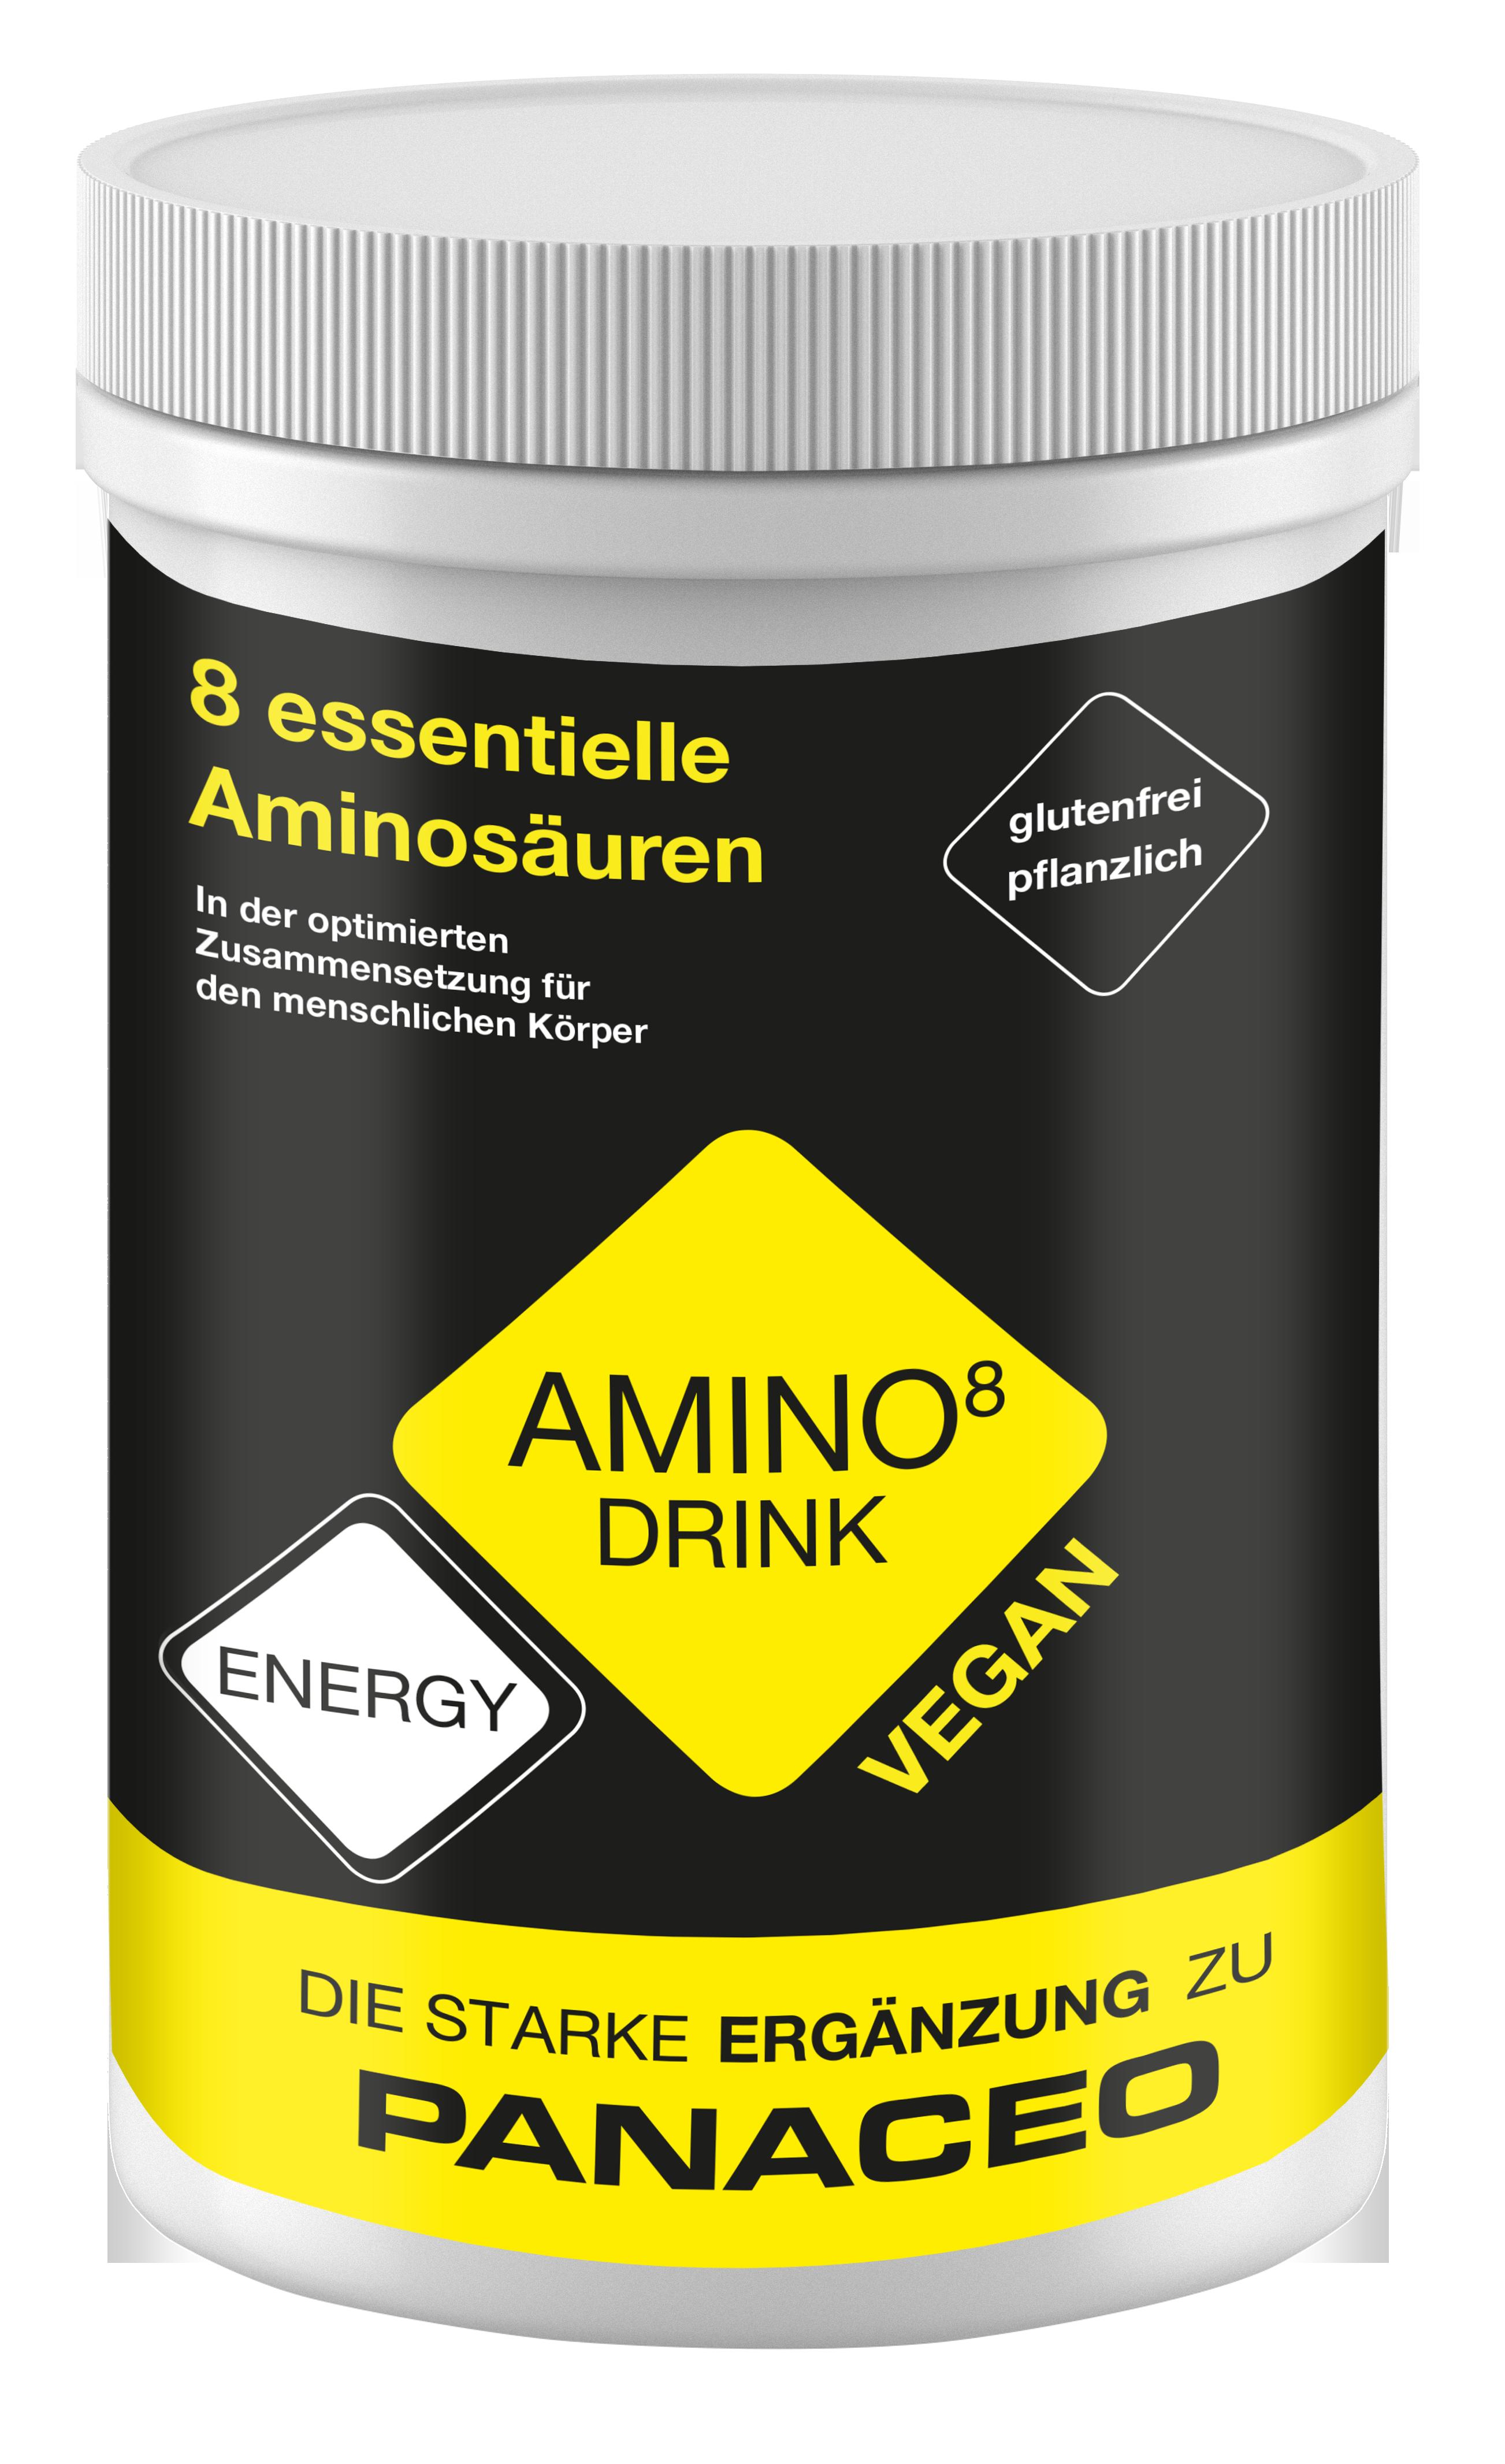 Panaceo Energy AMINO Pulver - 300g